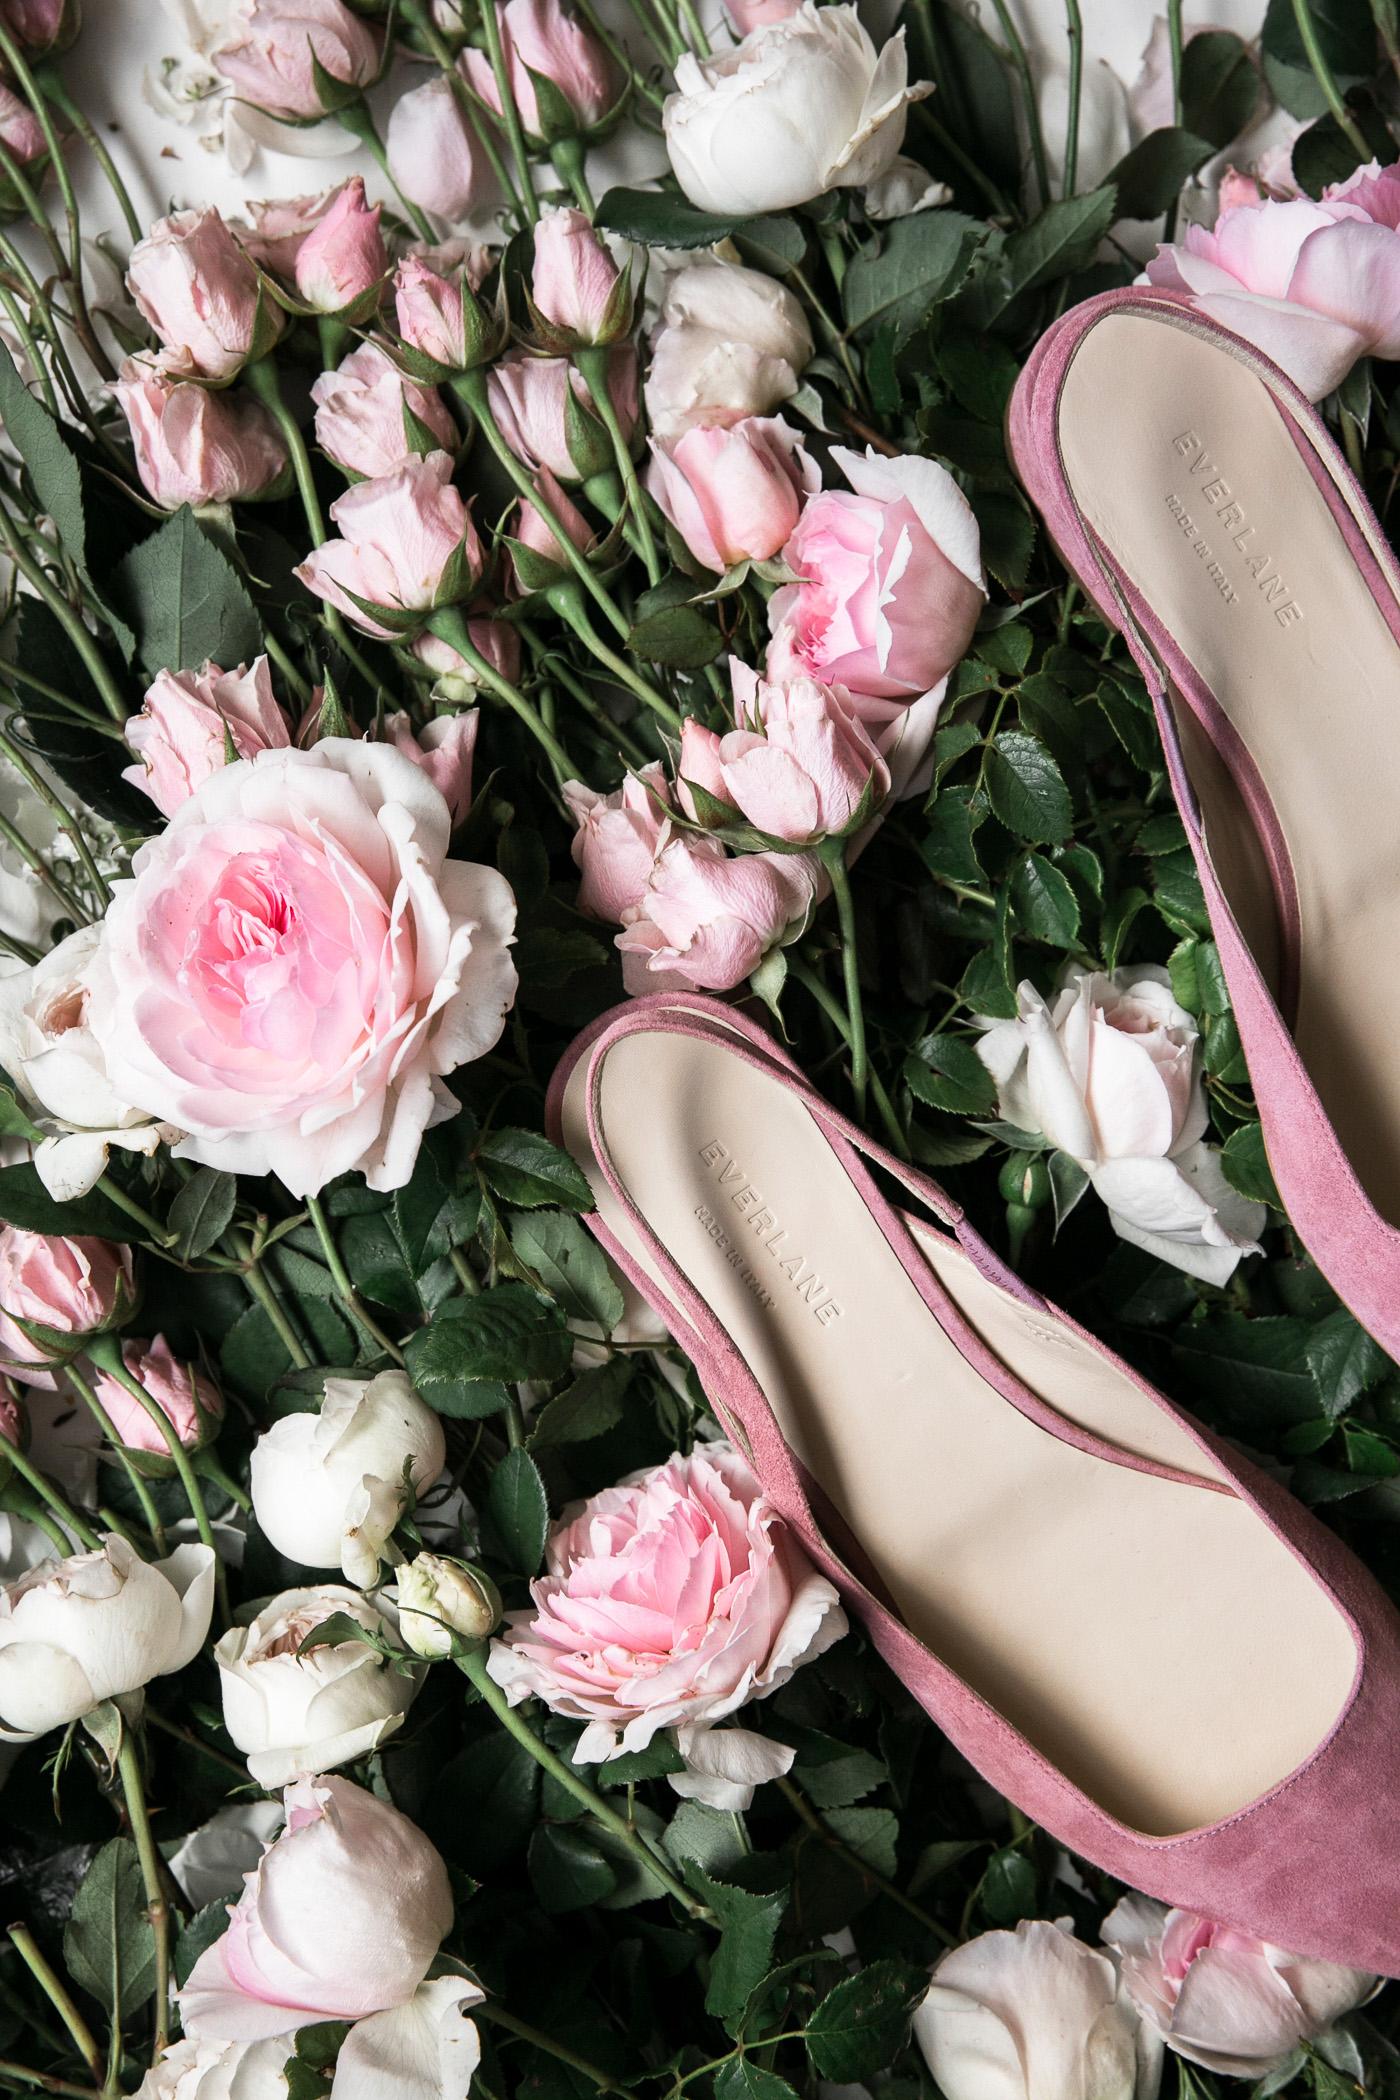 everlane editor slingbacks shoe review